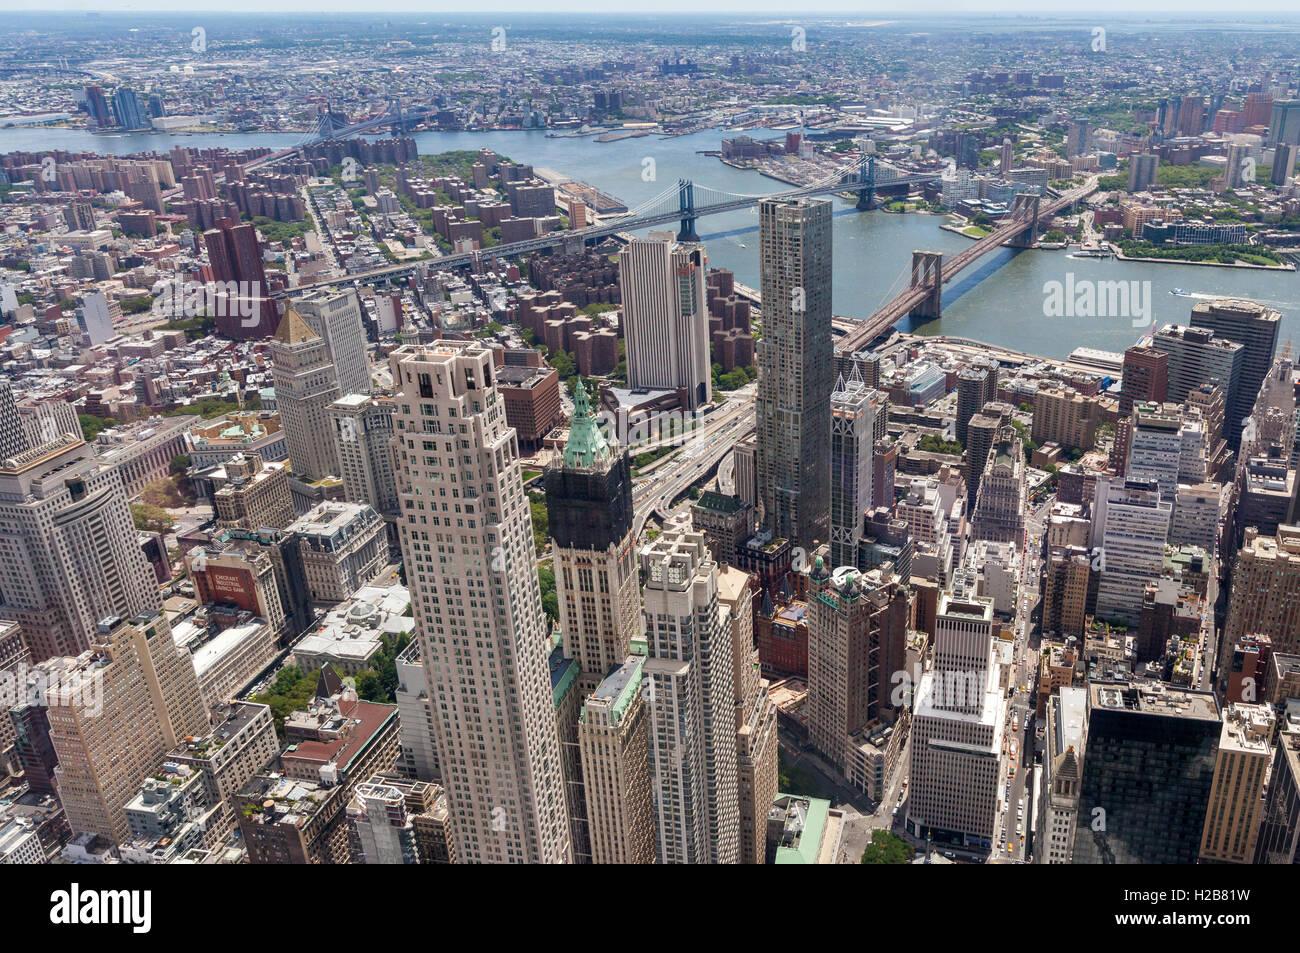 Una vista aérea de la ciudad de Nueva York. Imagen De Stock